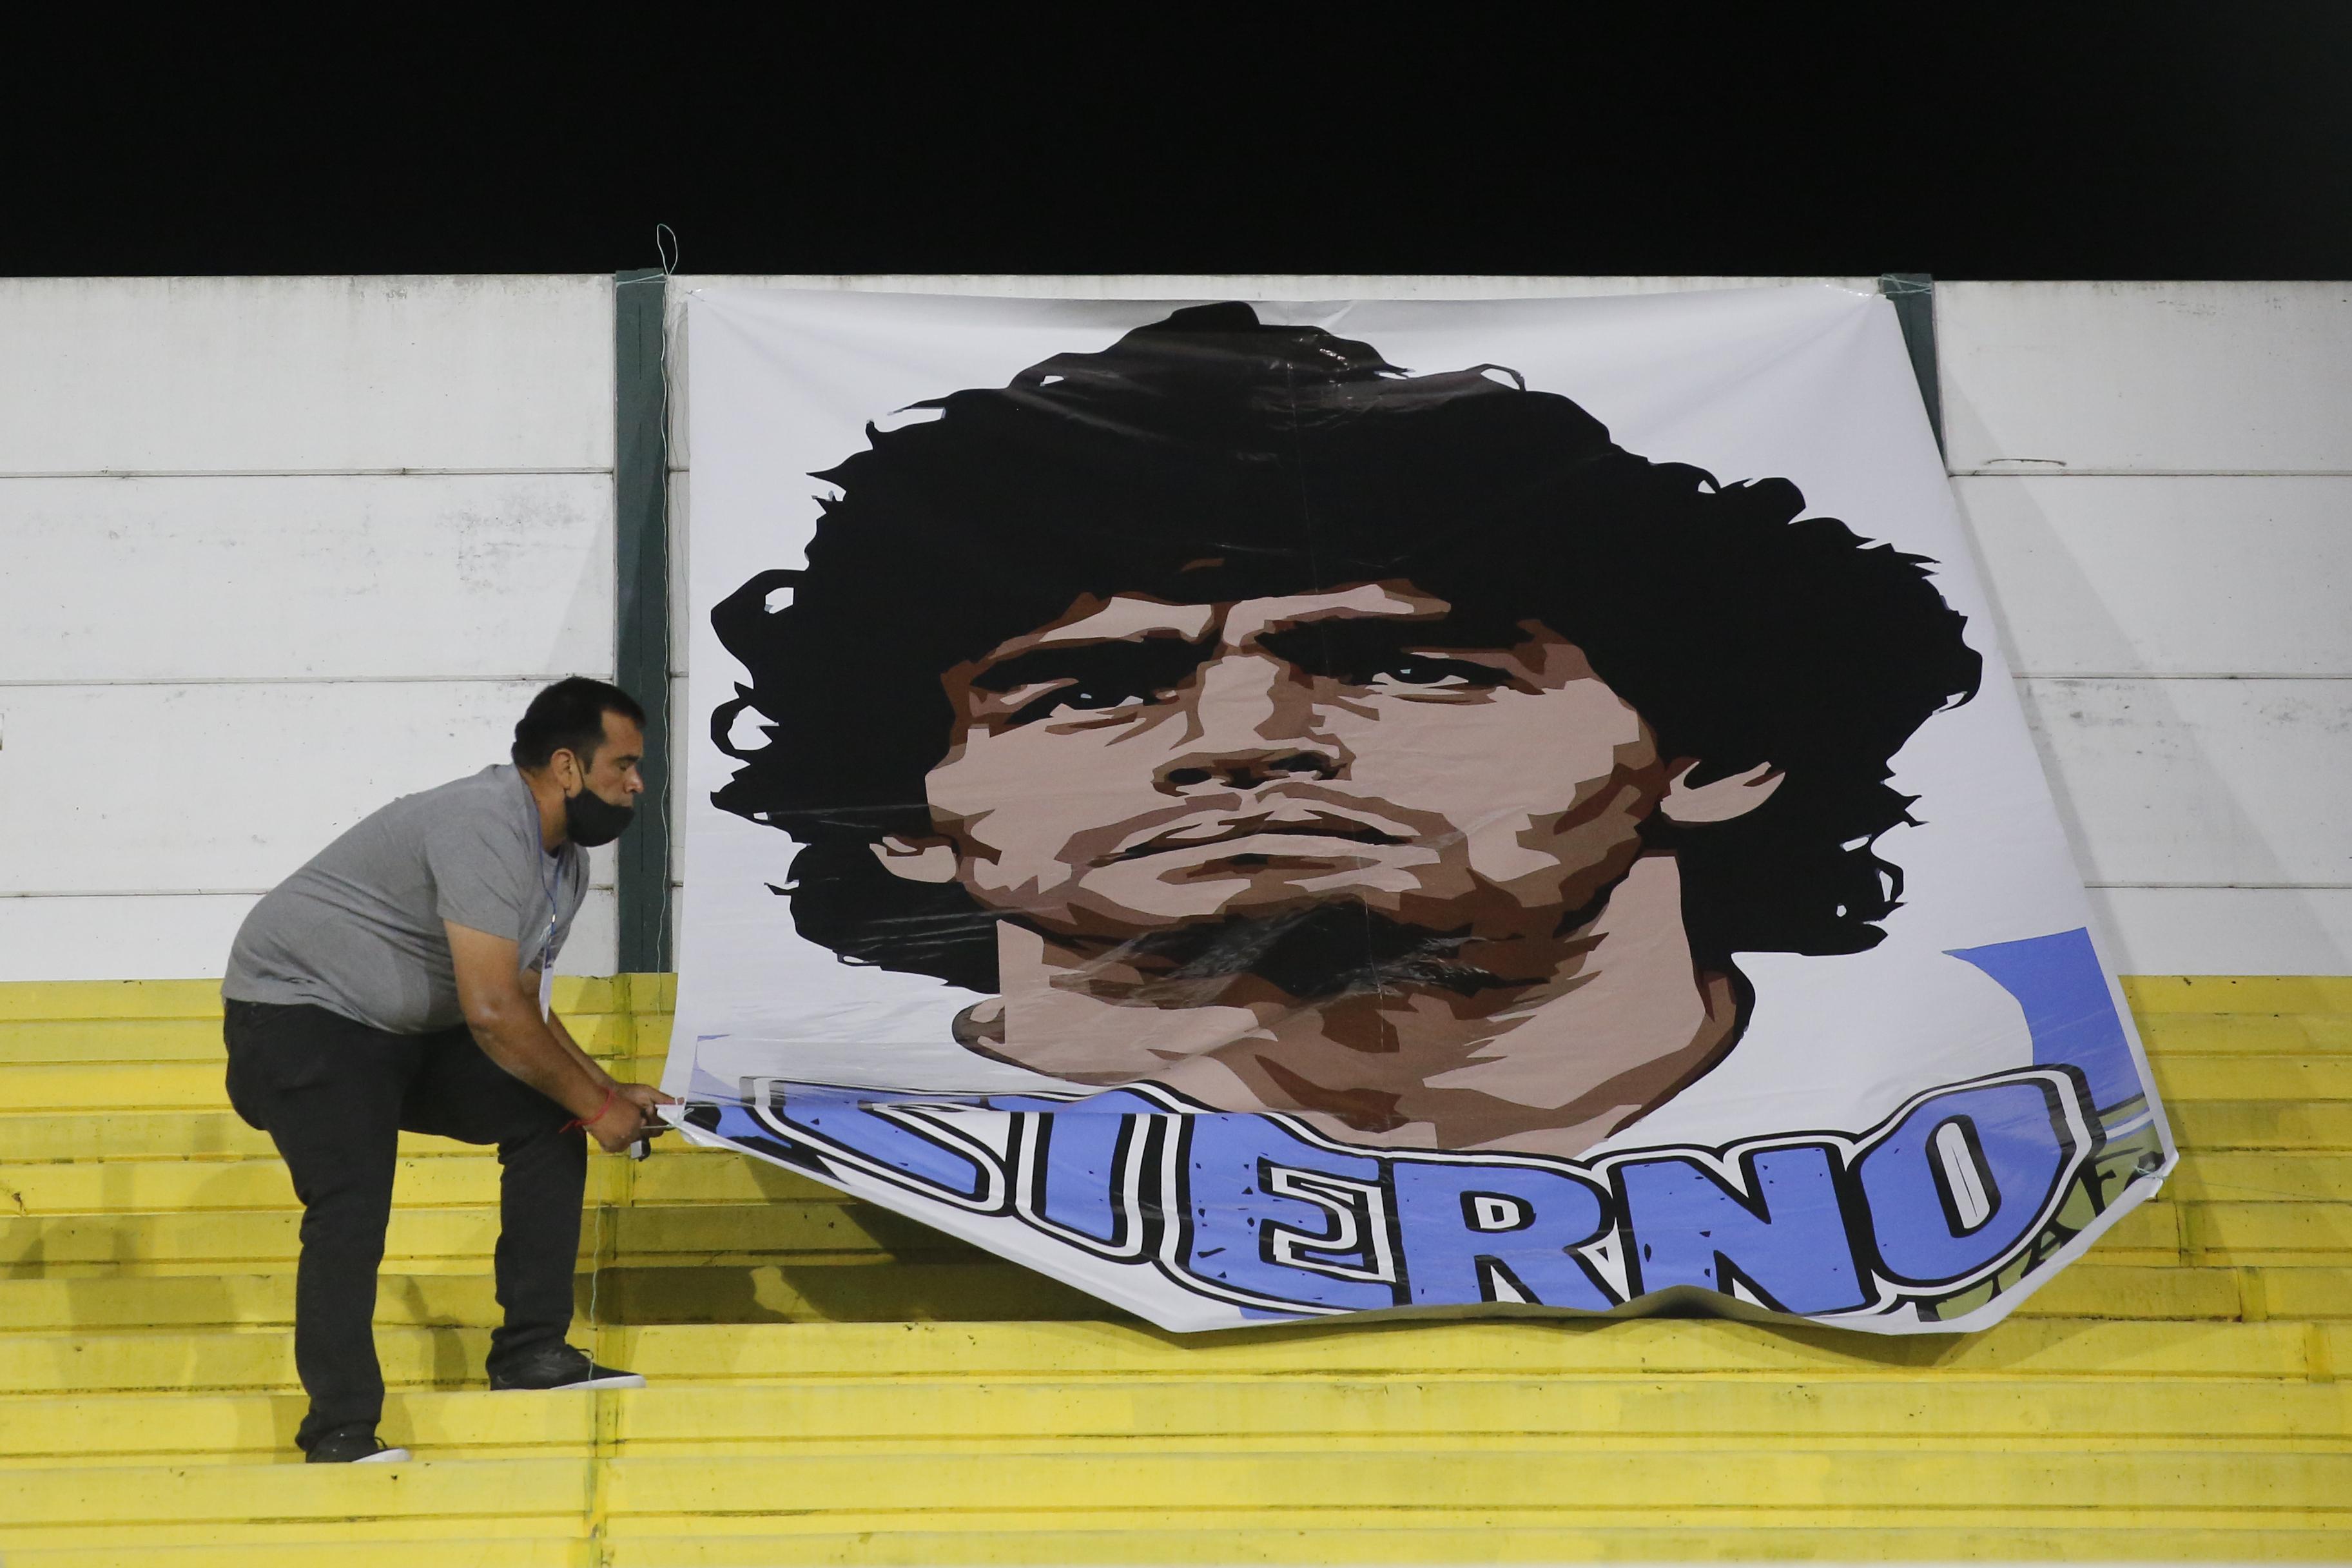 La muerte de Maradona sigue generando reacciones en Europa